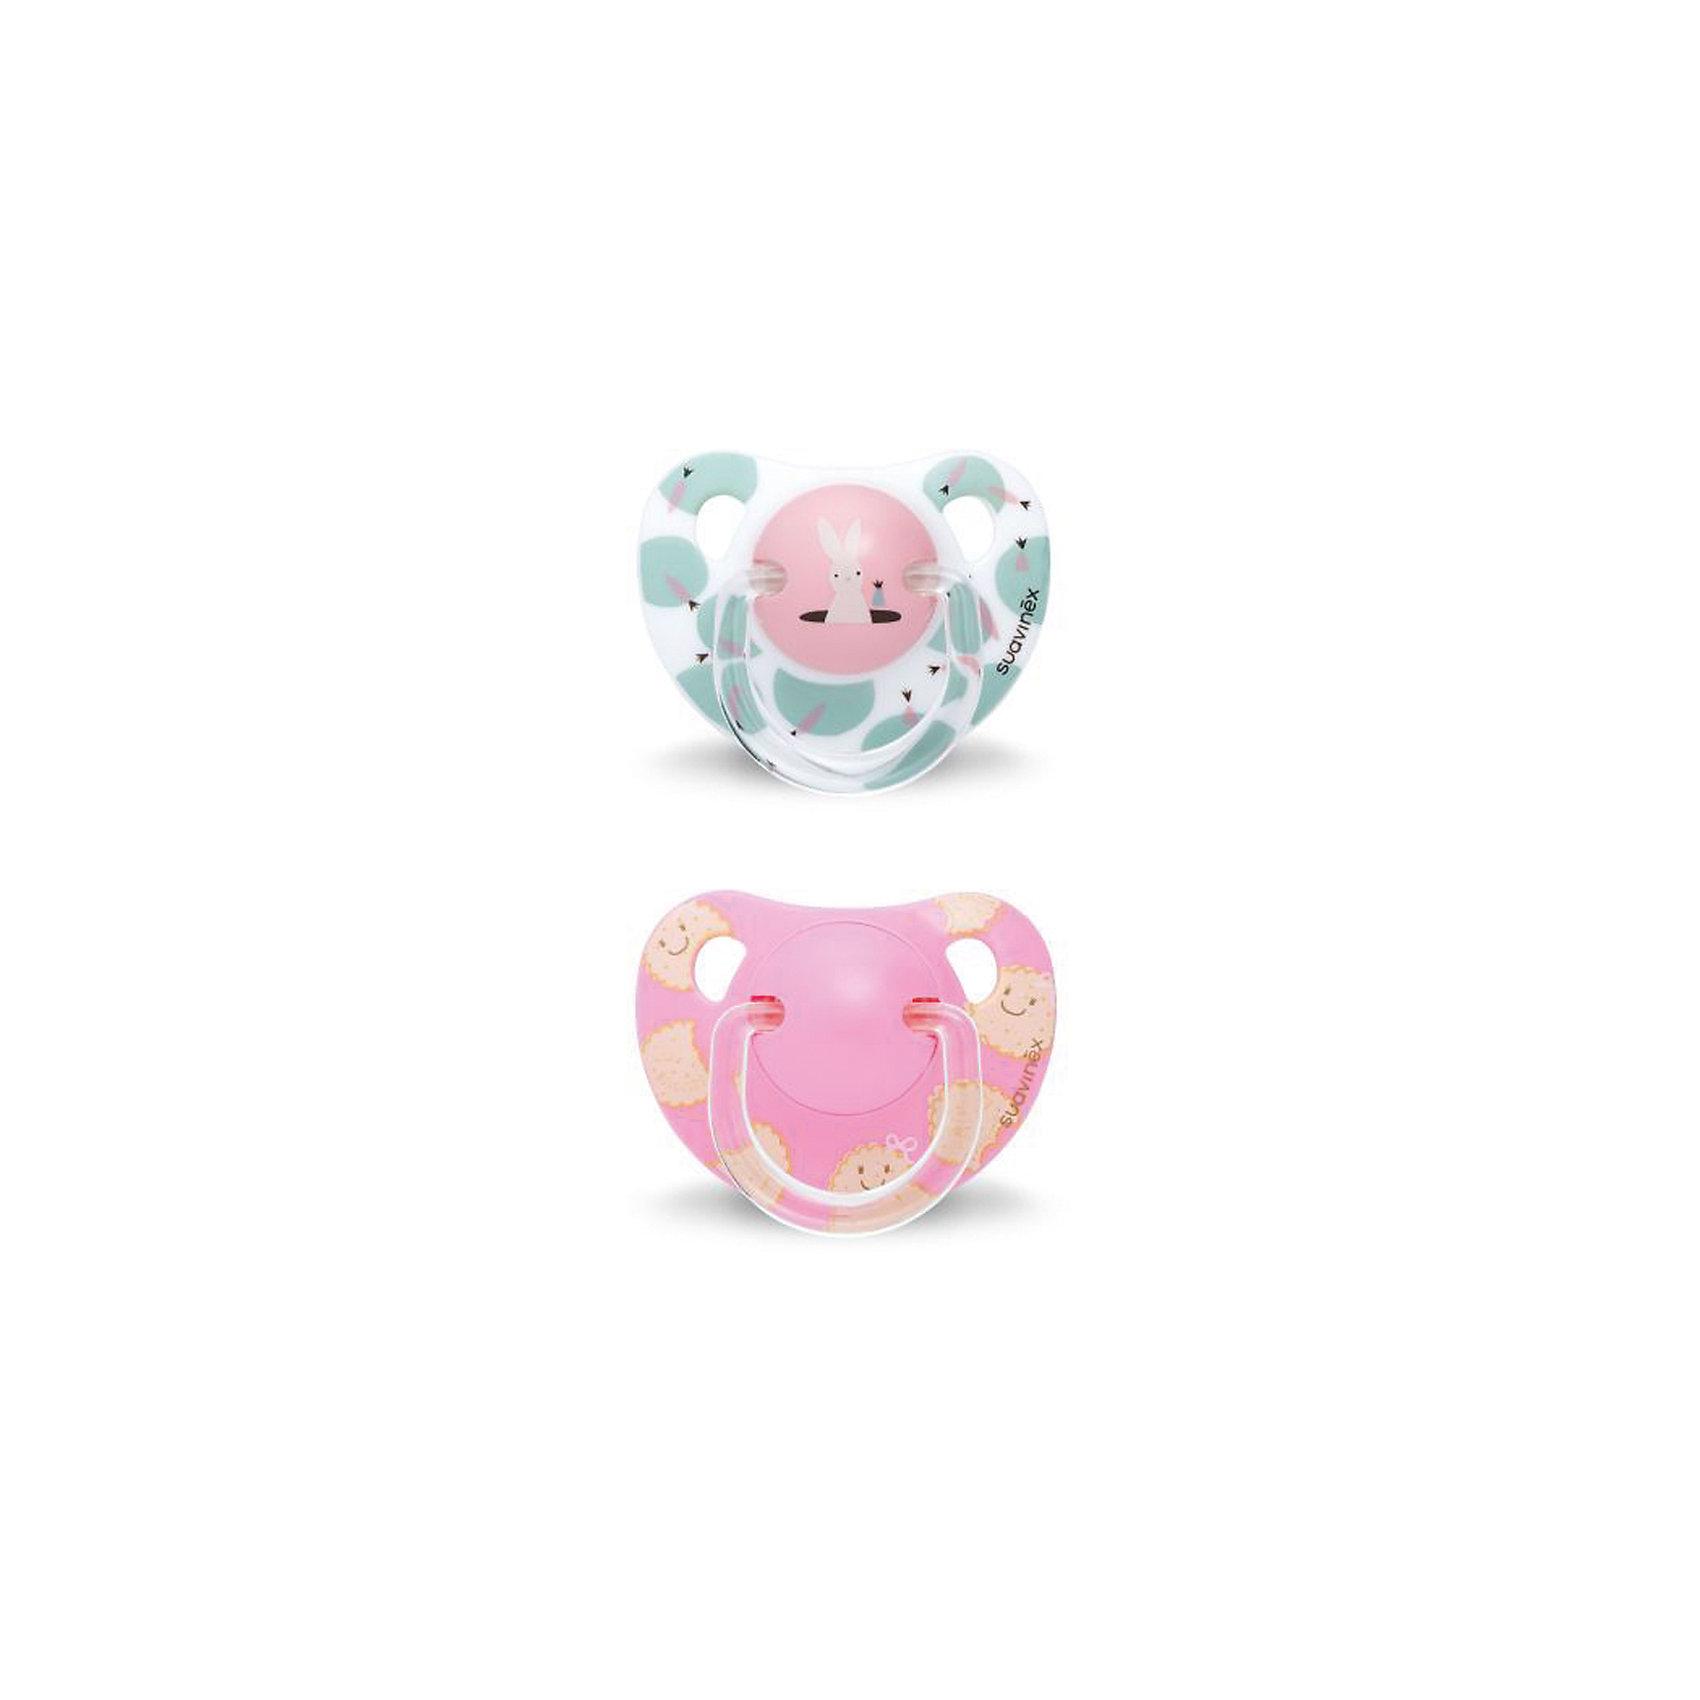 Набор пустышек от 12 мес. ,2 шт, сликон, Suavinex, белый кролик/розовый печенье3800236 роз.печенье+ бел.кролик R0 Набор Suavinex пустышек 2 шт,от 12мес с анатомической соской, силикон<br><br>Ширина мм: 54<br>Глубина мм: 65<br>Высота мм: 141<br>Вес г: 40<br>Возраст от месяцев: 12<br>Возраст до месяцев: 24<br>Пол: Женский<br>Возраст: Детский<br>SKU: 5451353